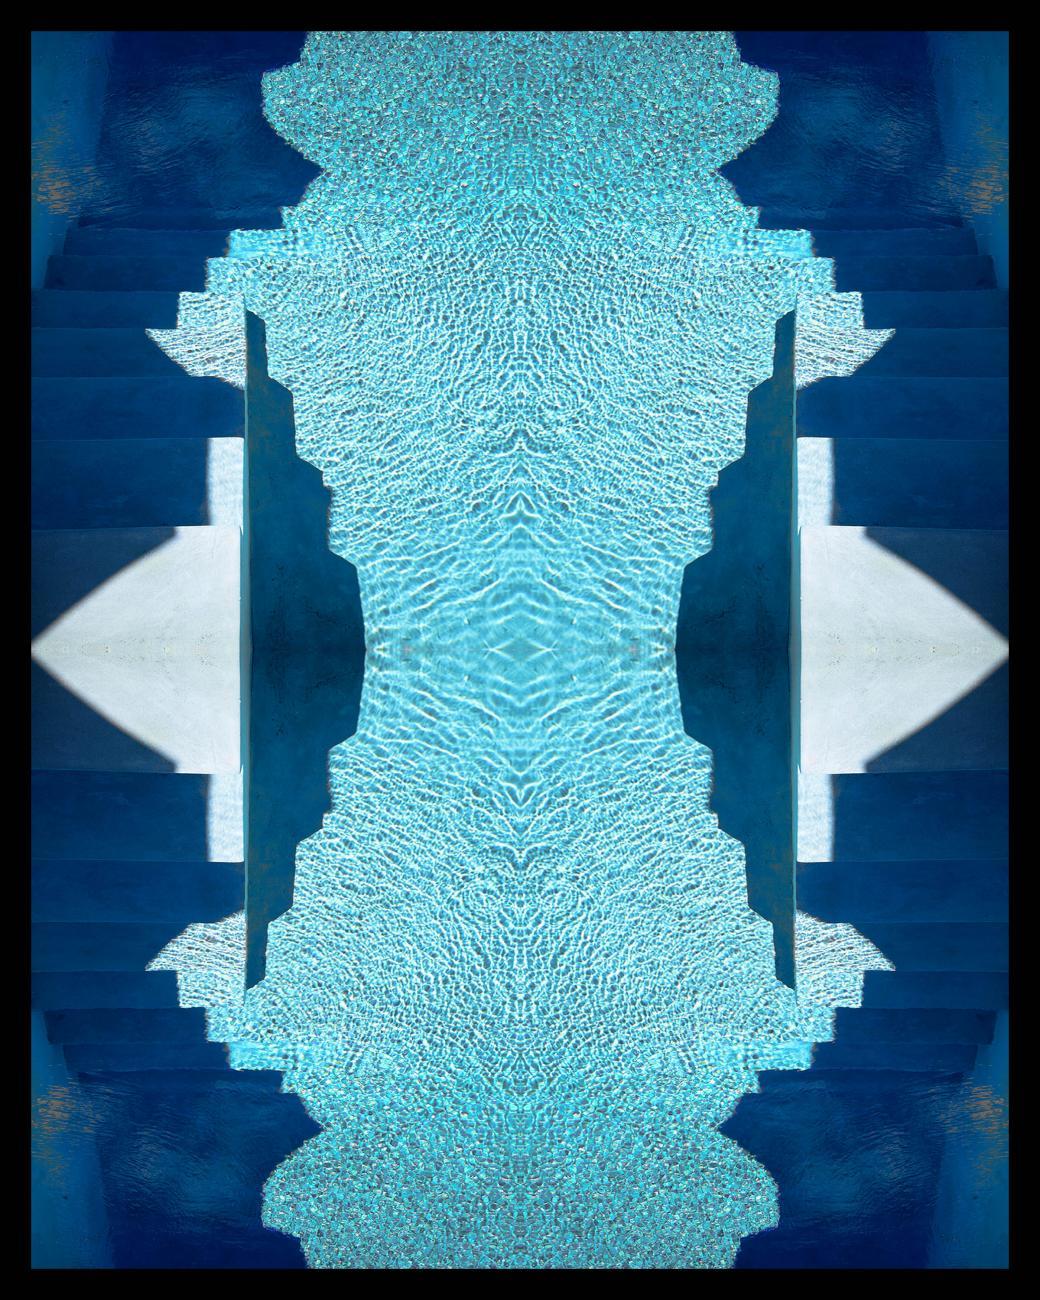 indigopoolmirror2BB.jpg